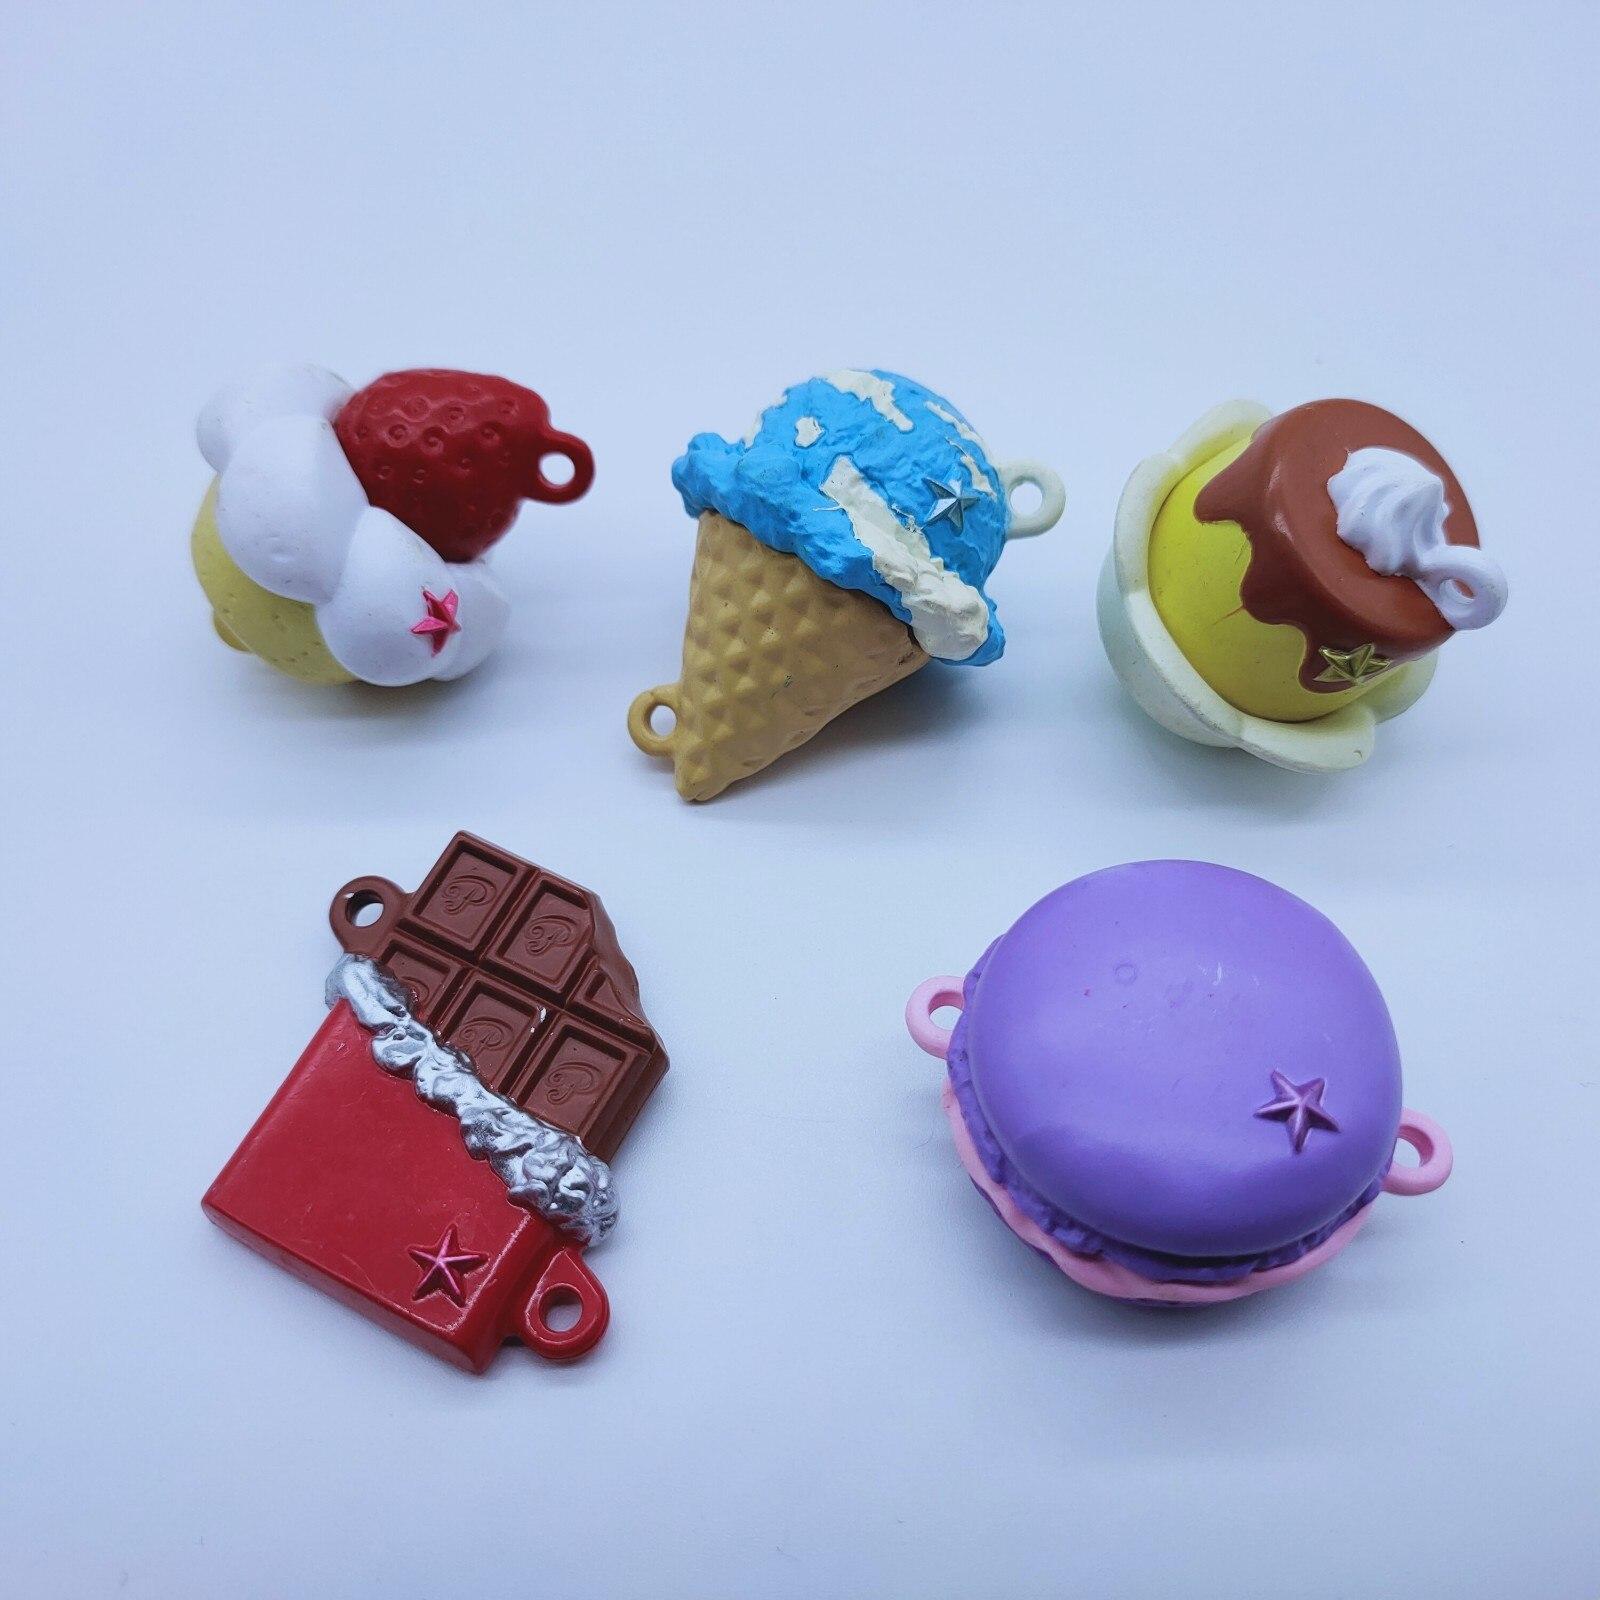 Crianças fingir simulação brinquedos de comida do bebê jogar casa chaveiro caso do telefone móvel cozinha conjunto brinquedos comida rápida brinquedos educativos